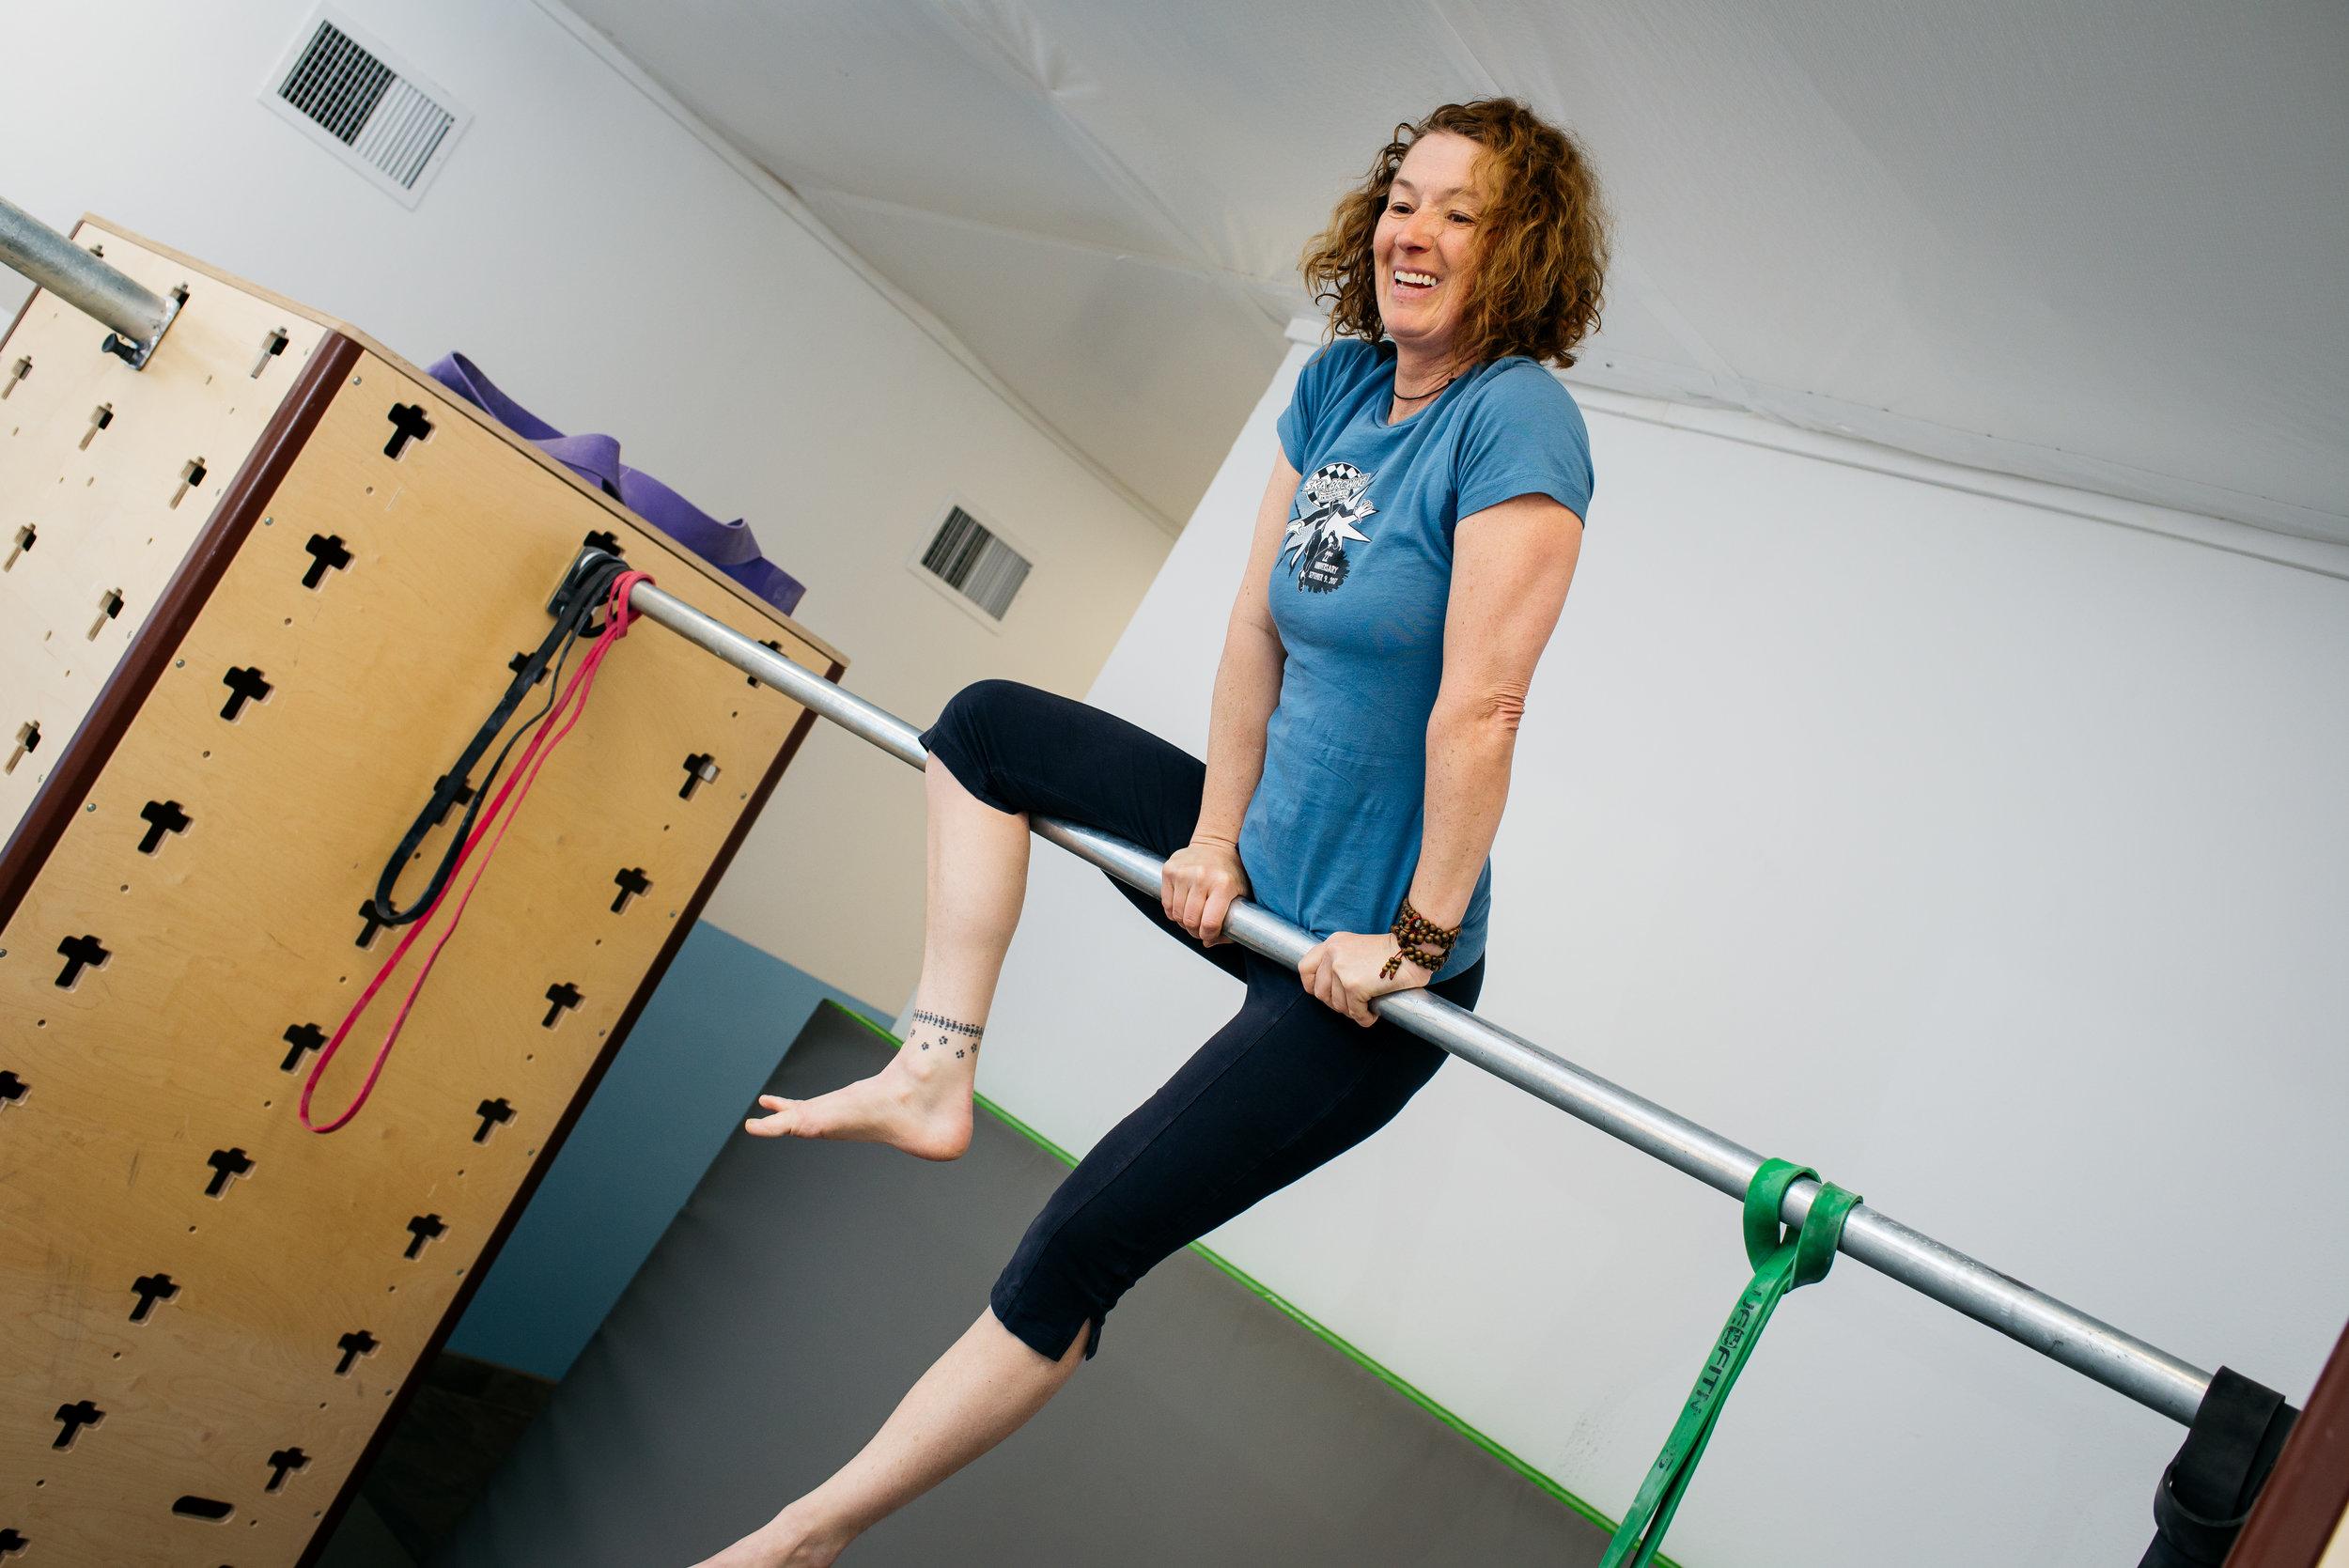 Bonnie swing up success MovNat MoveTru Albuquerque